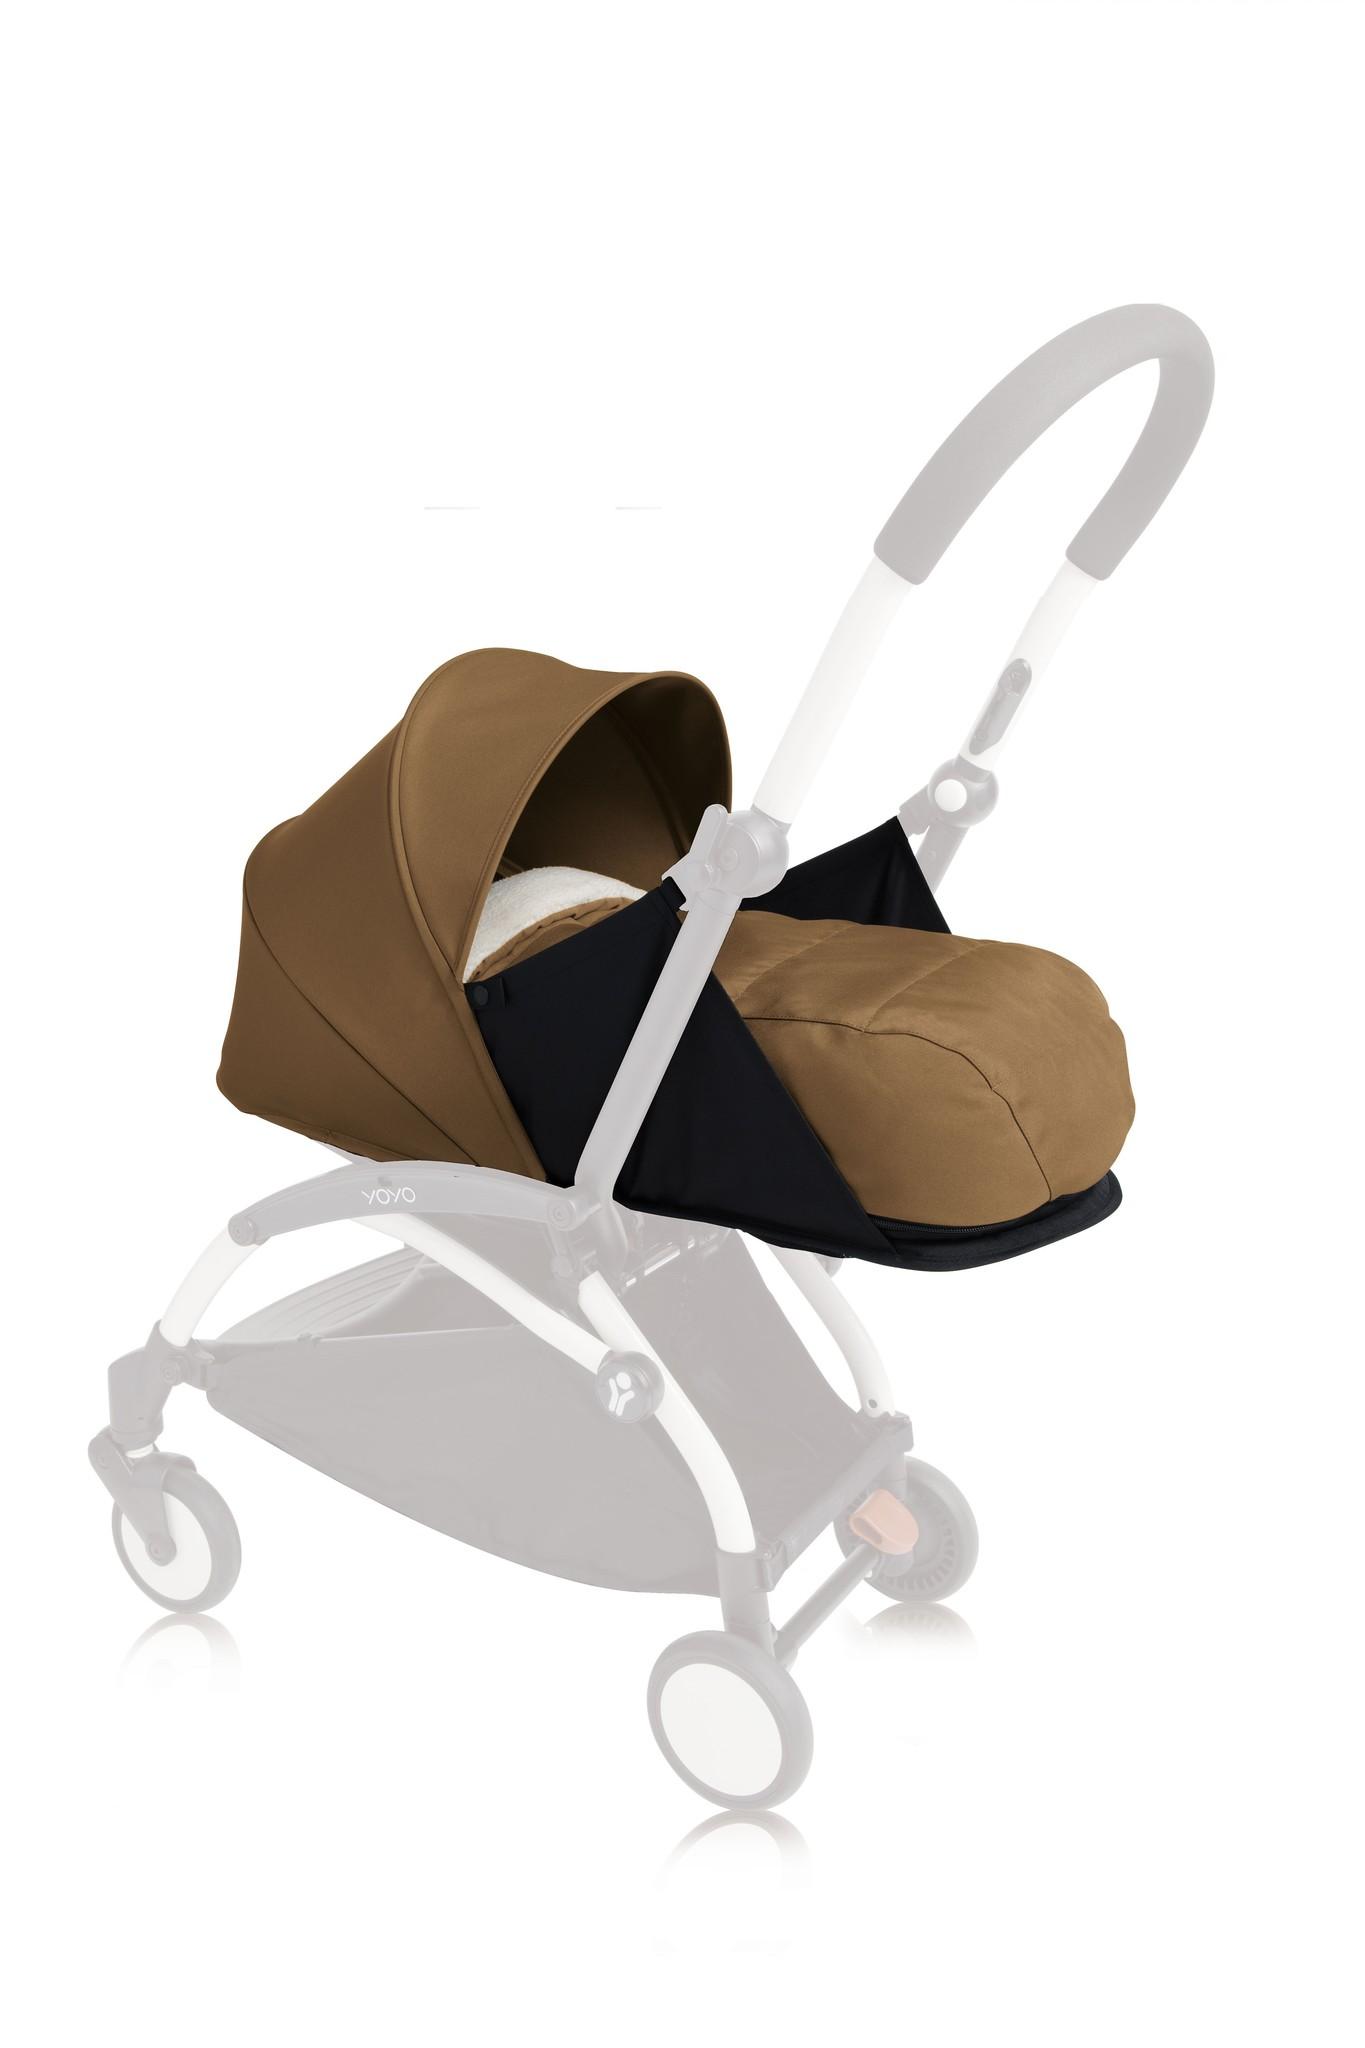 Babyzen Babyzen Yoyo 0+ Newborn Pack - Toffee 2020